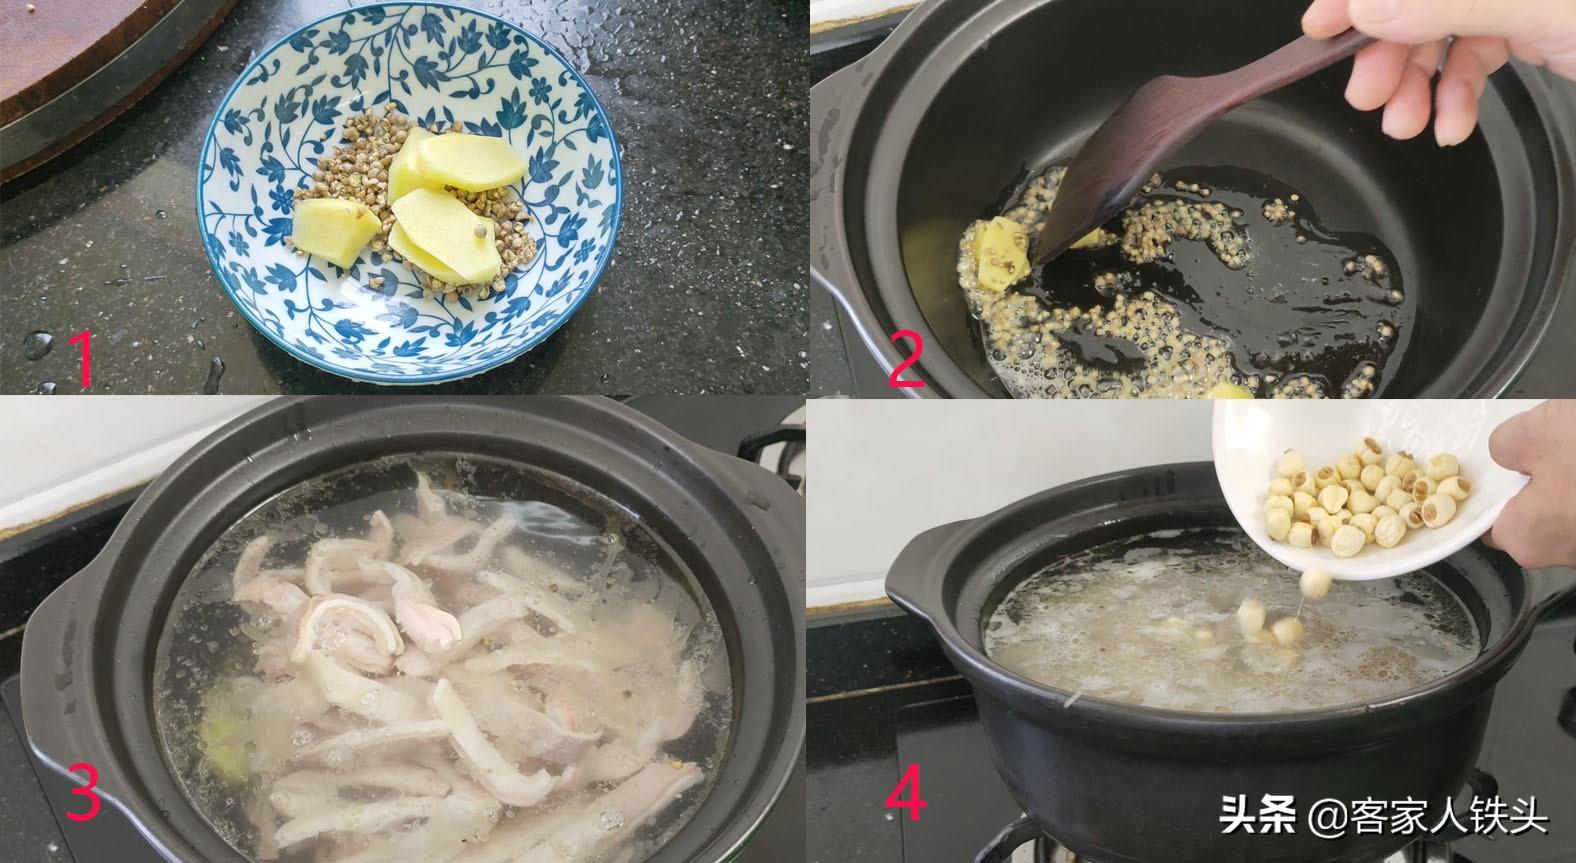 广东猪肚汤好喝有诀窍?别老一套煲,这样搭配,汤色奶白营养味美